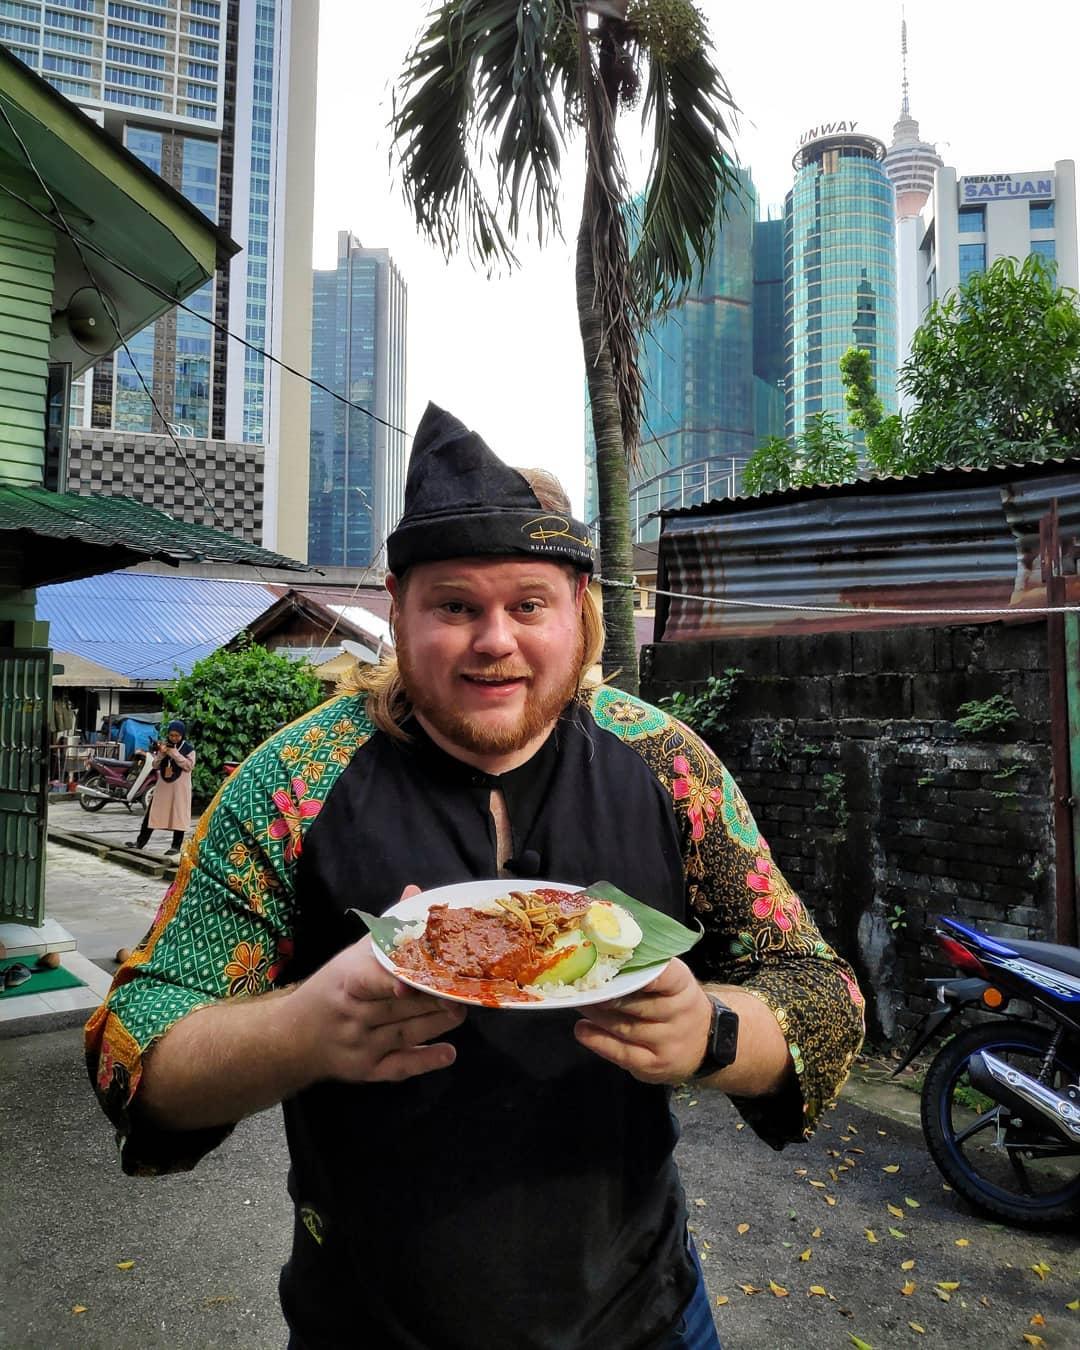 Wartawan Overseas Mengutuk Nasi Lemak, Mat Salleh Lain Sempat Bagi Komen Pedas